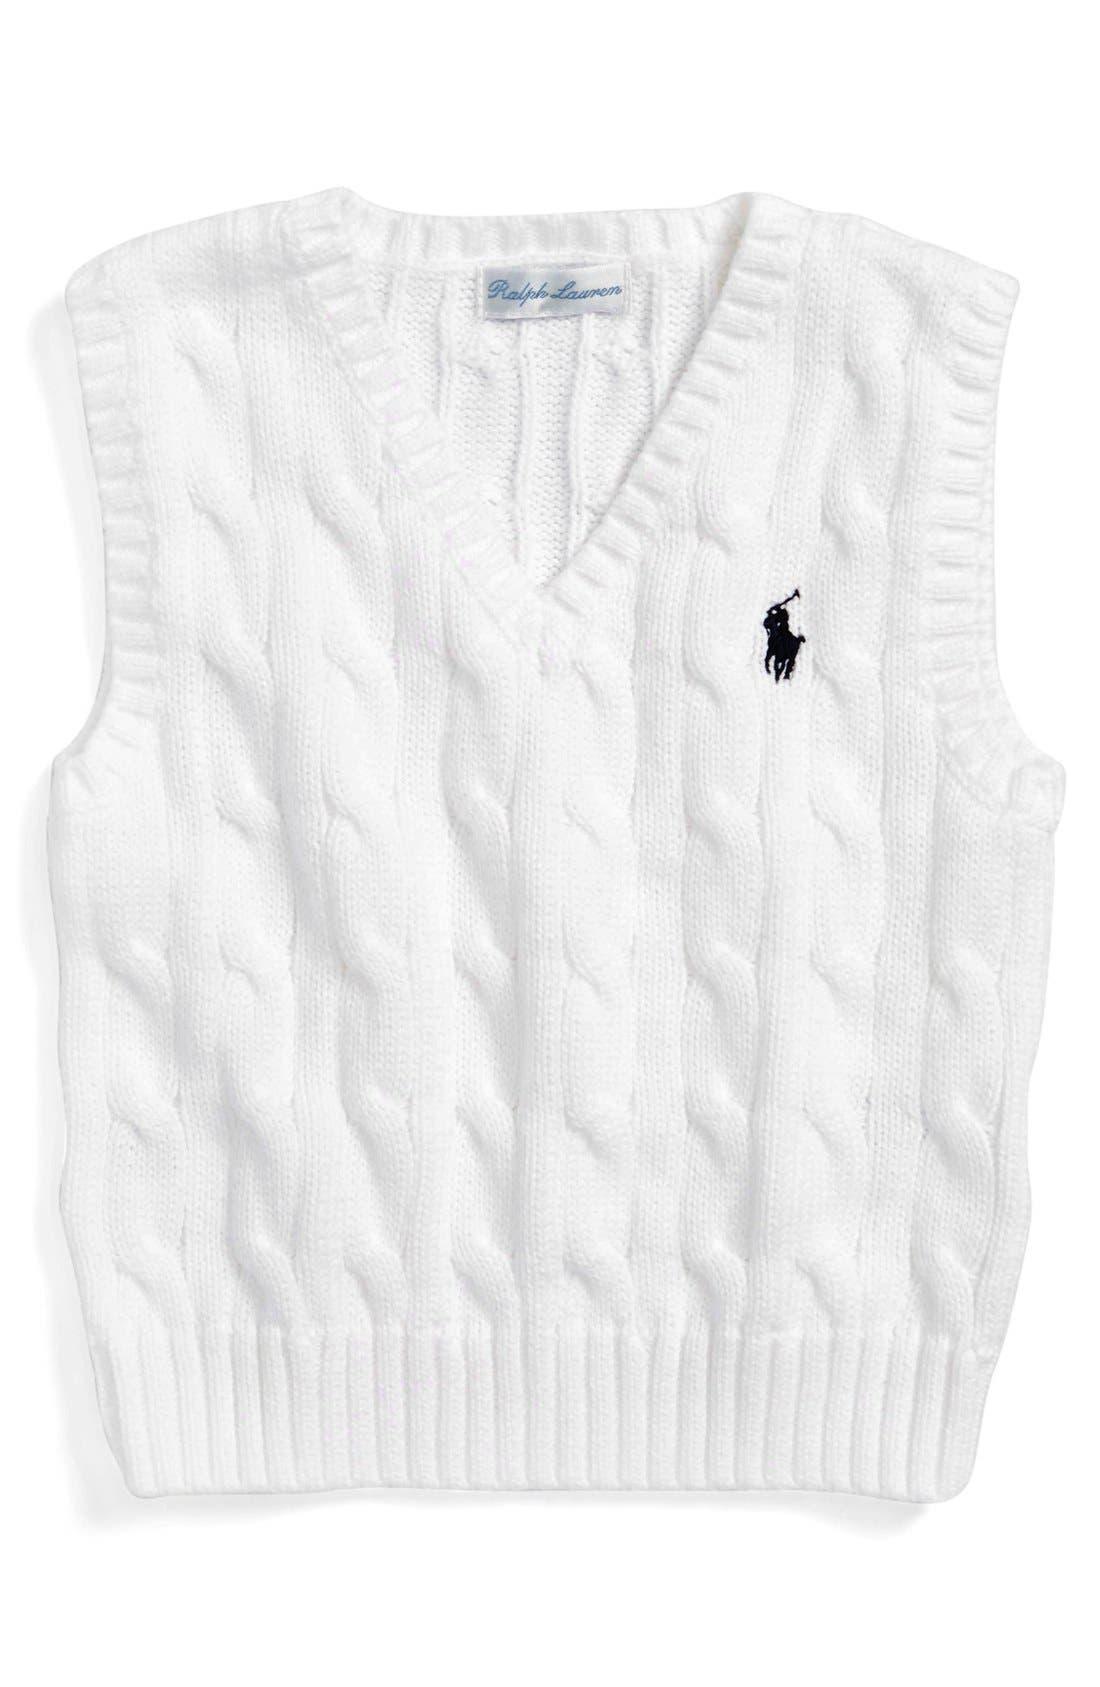 Cable Knit Cotton Sweater Vest, Main, color, 100